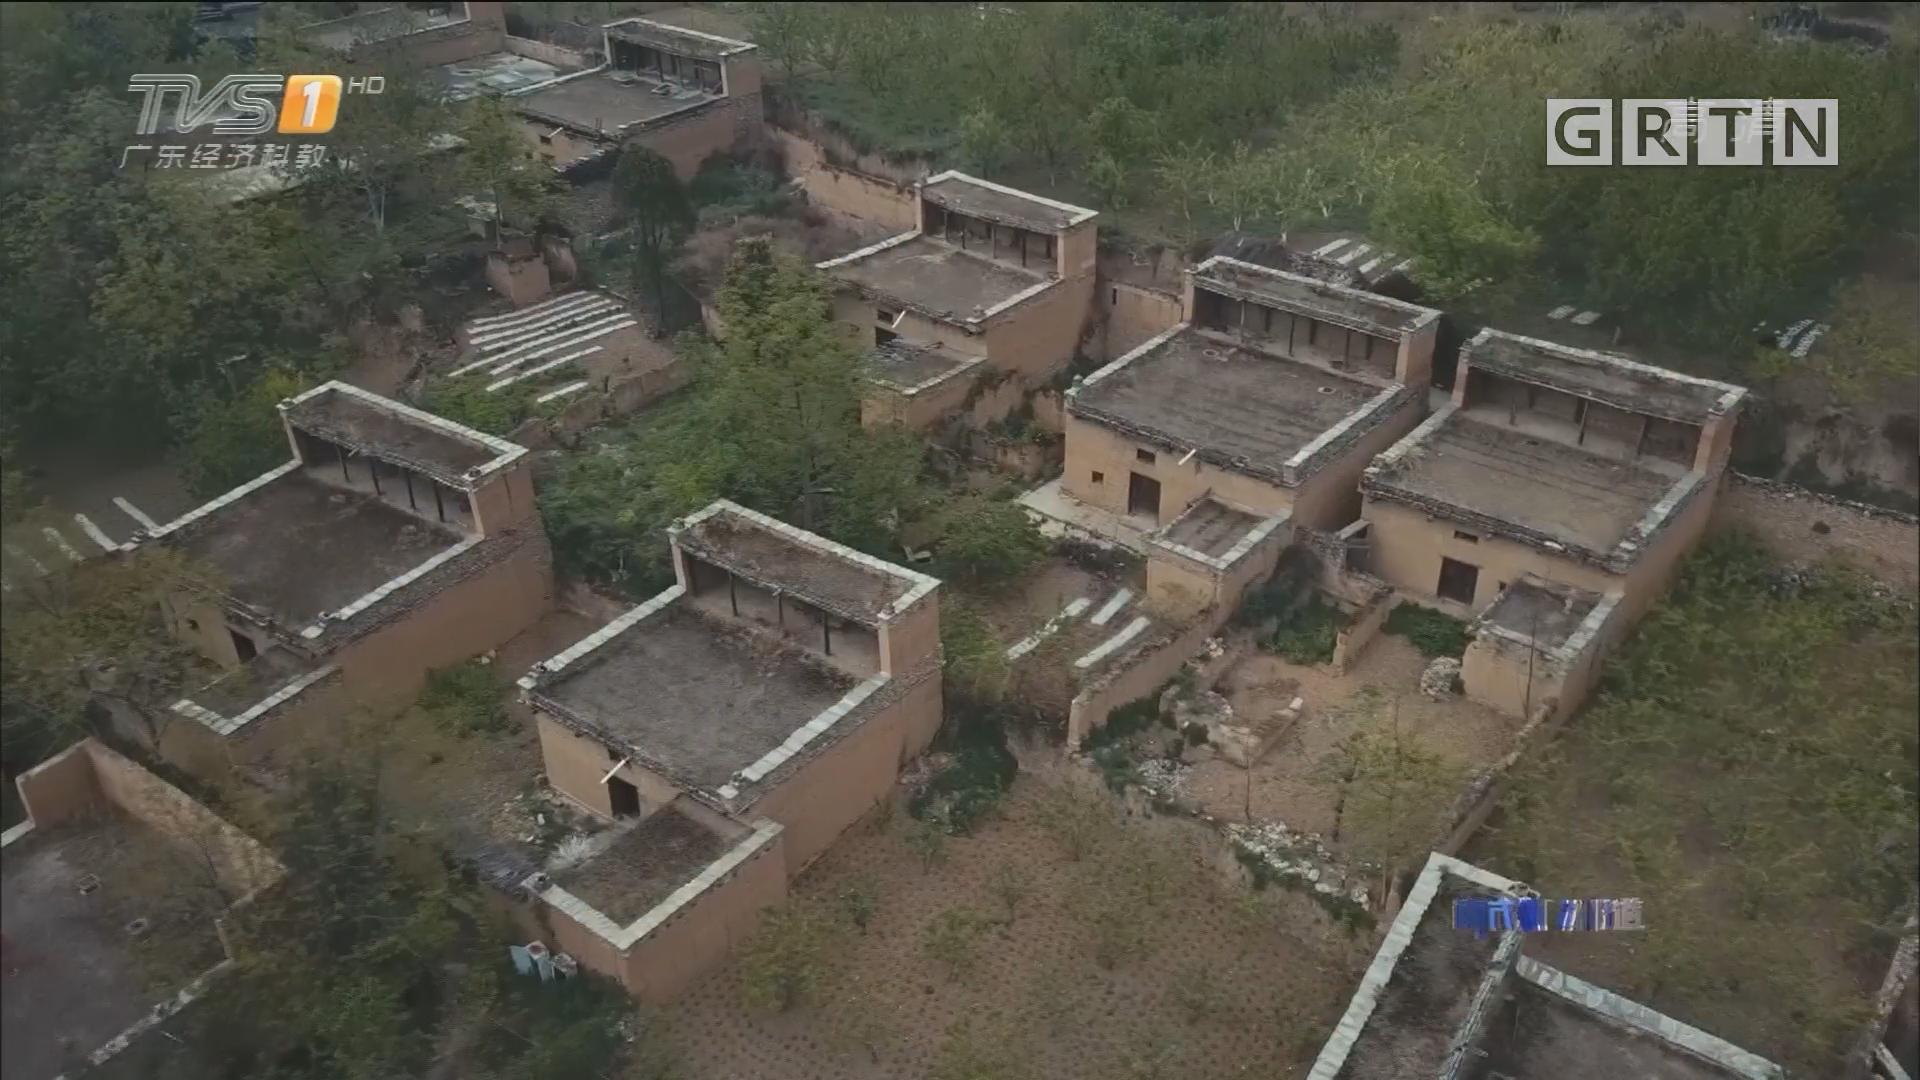 系列报道 《汶川这十年》:千年羌寨 震后重生